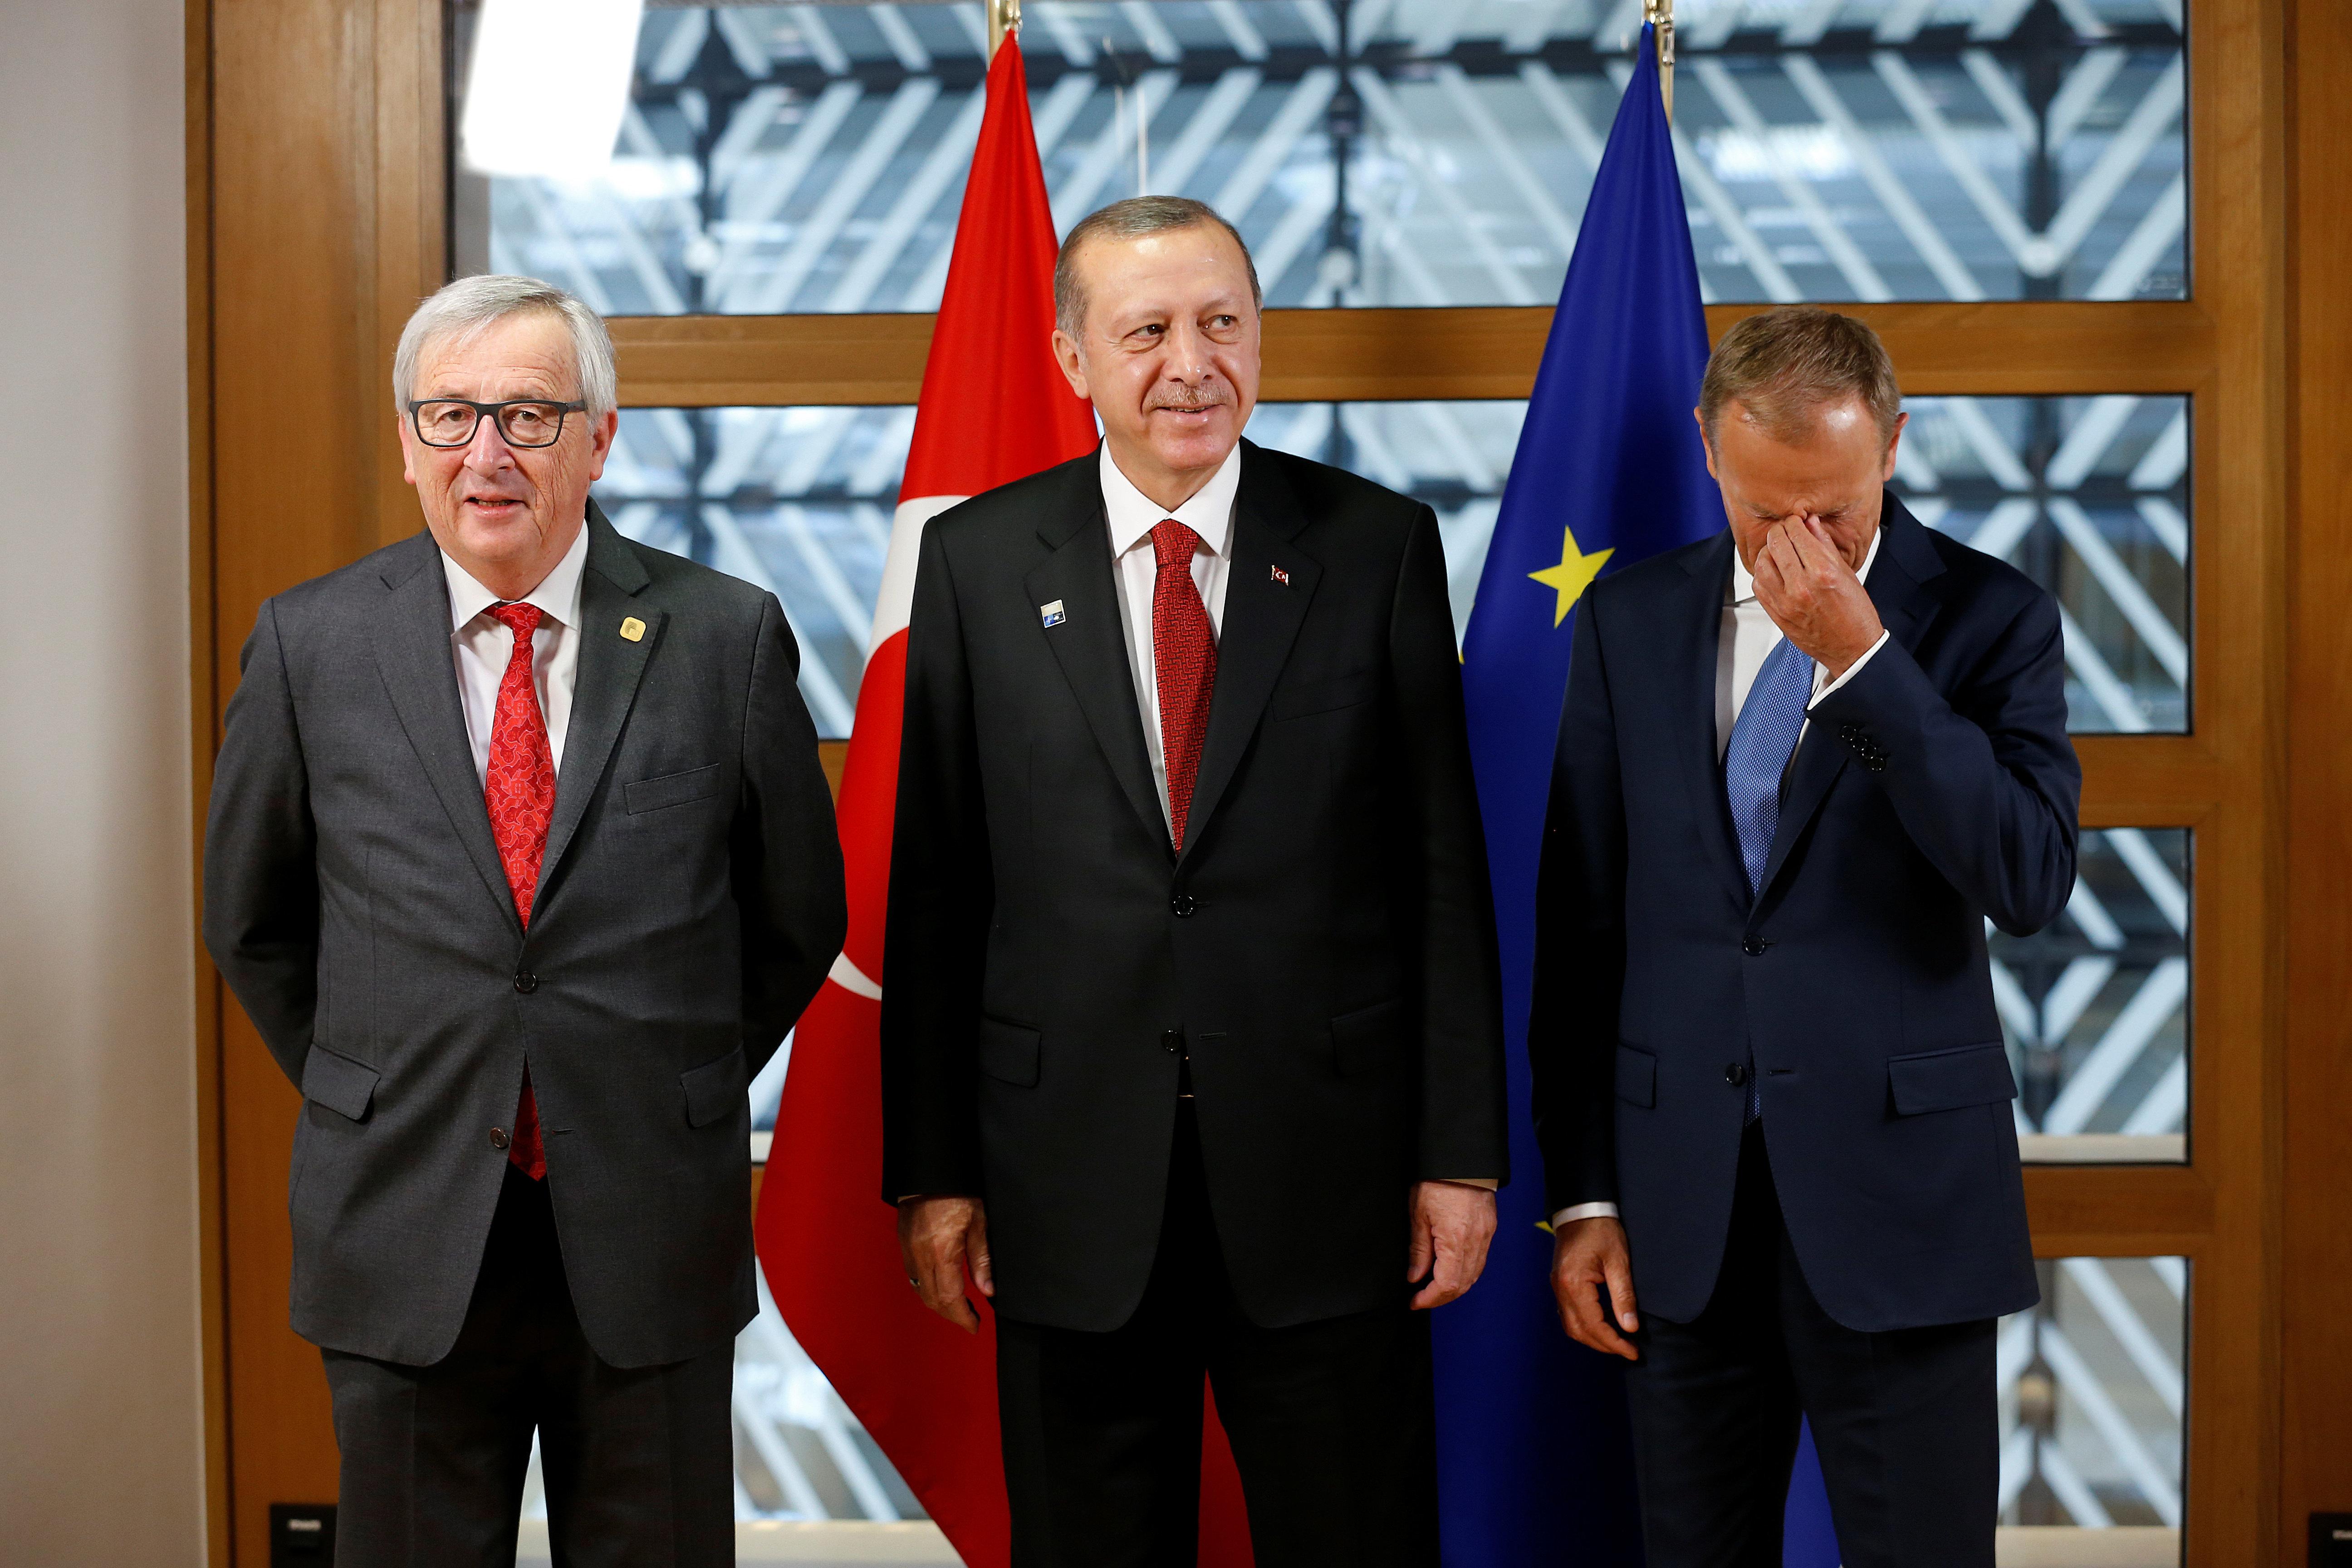 Σύνοδος ΕΕ-Τουρκίας στη Βάρνα. Οι στόχοι των Βρυξελλών και το ισχυρό χαρτί της Άγκυρας, η ατζέντα και οι